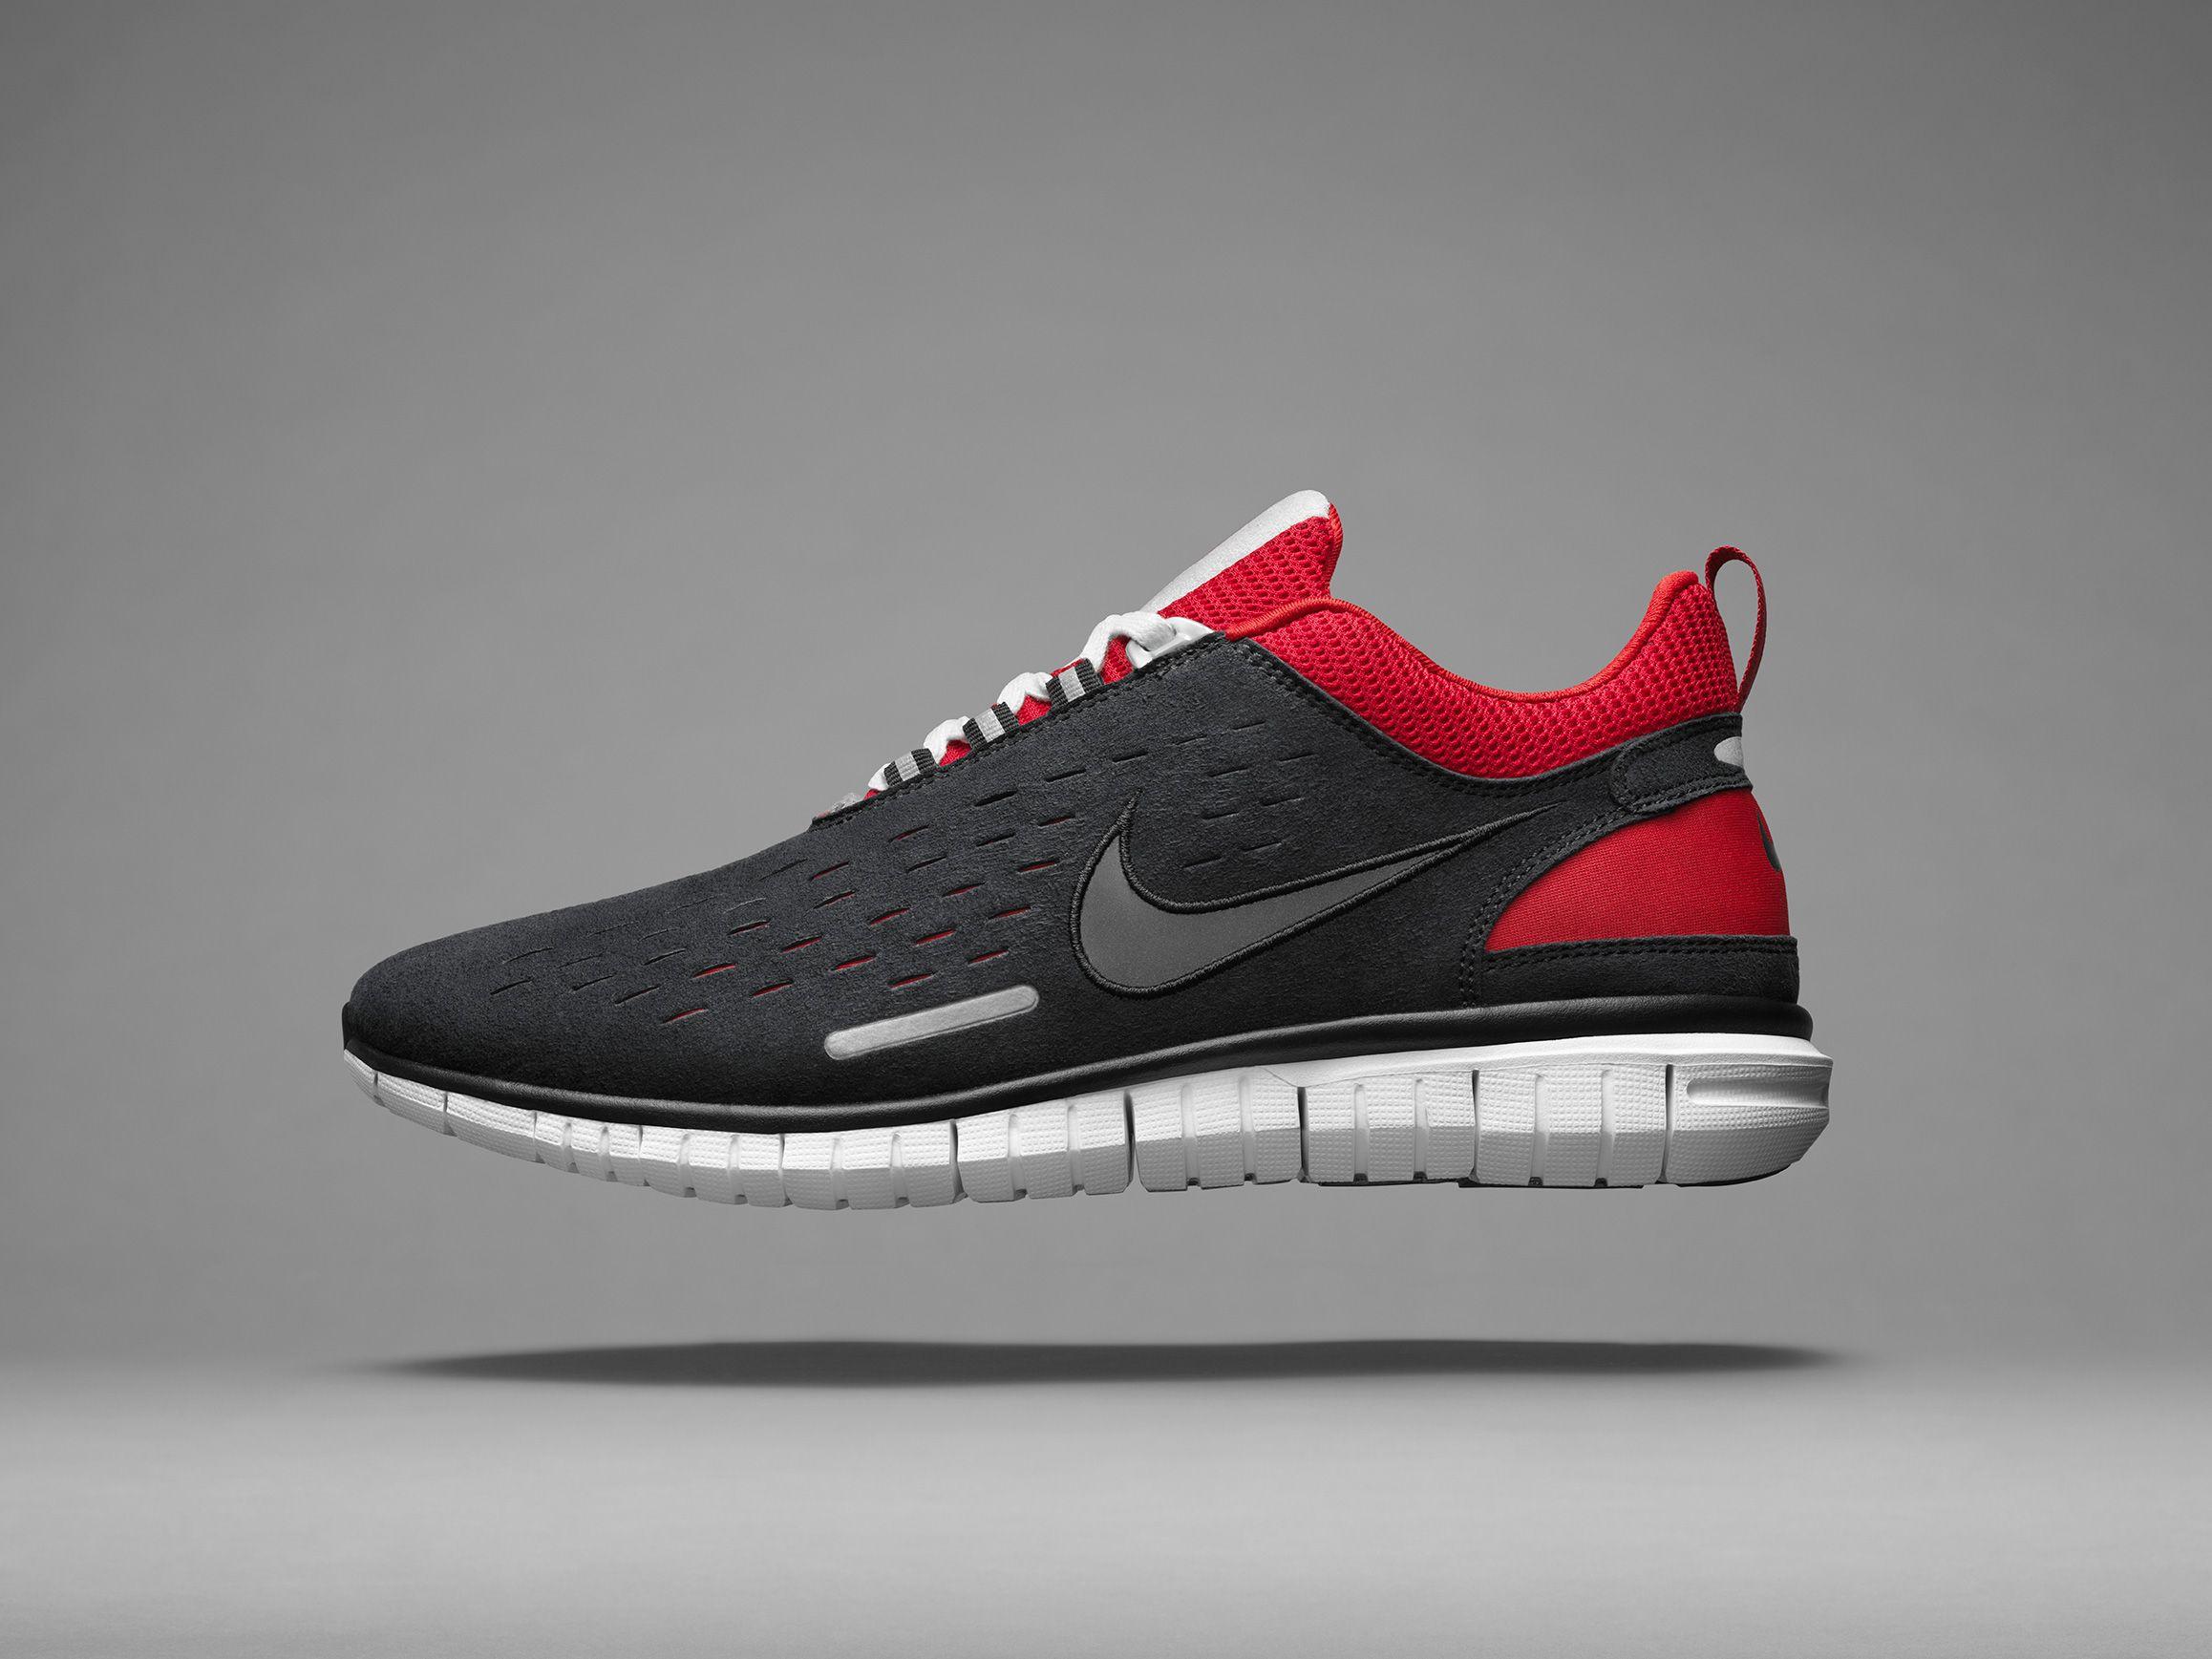 size 40 6b02e 86ca6 nike free run 3.0 mens,nike shoe clearance,nike air max 2008,get one nike  shoes only  27,nike shoe clearance